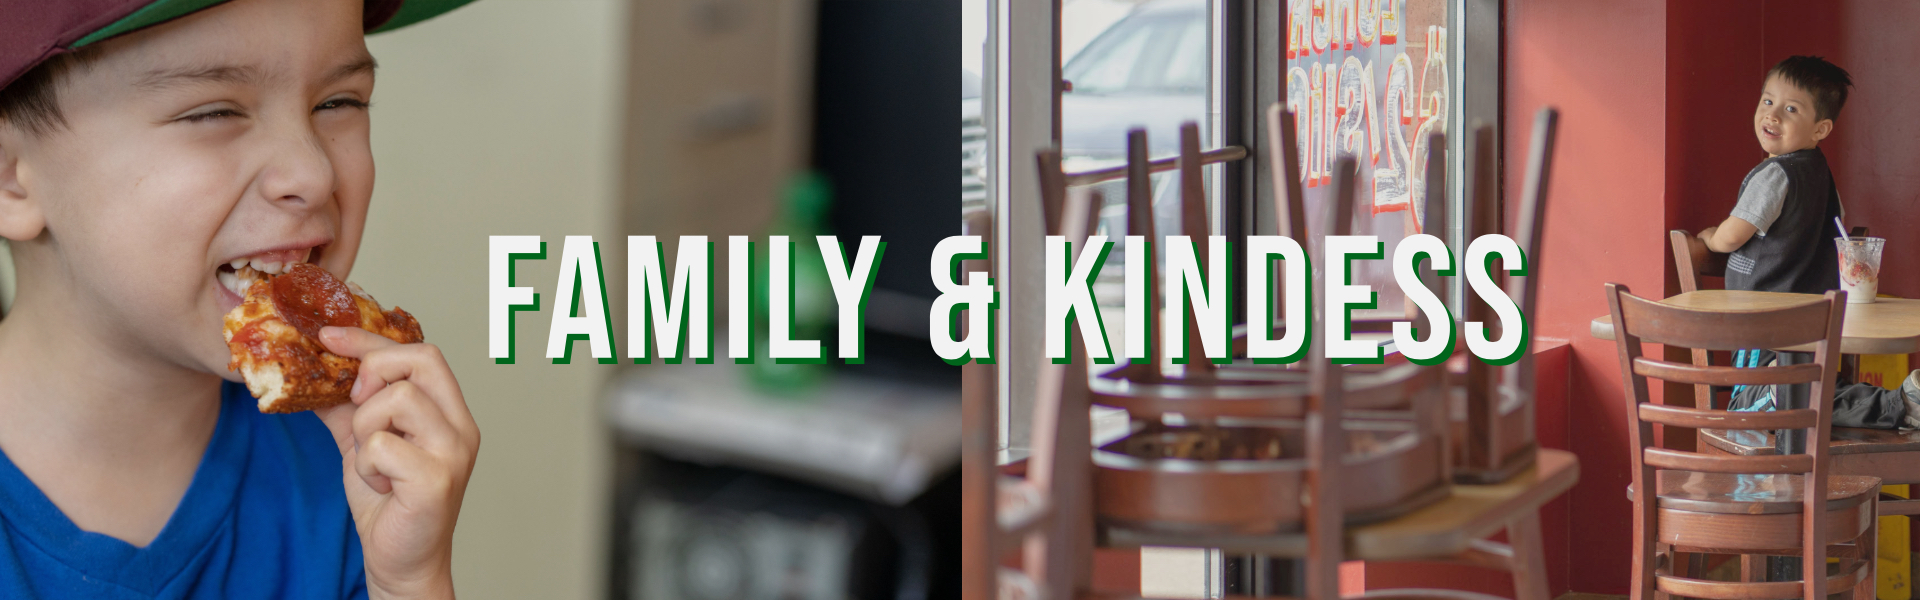 Family & Kindness.jpg